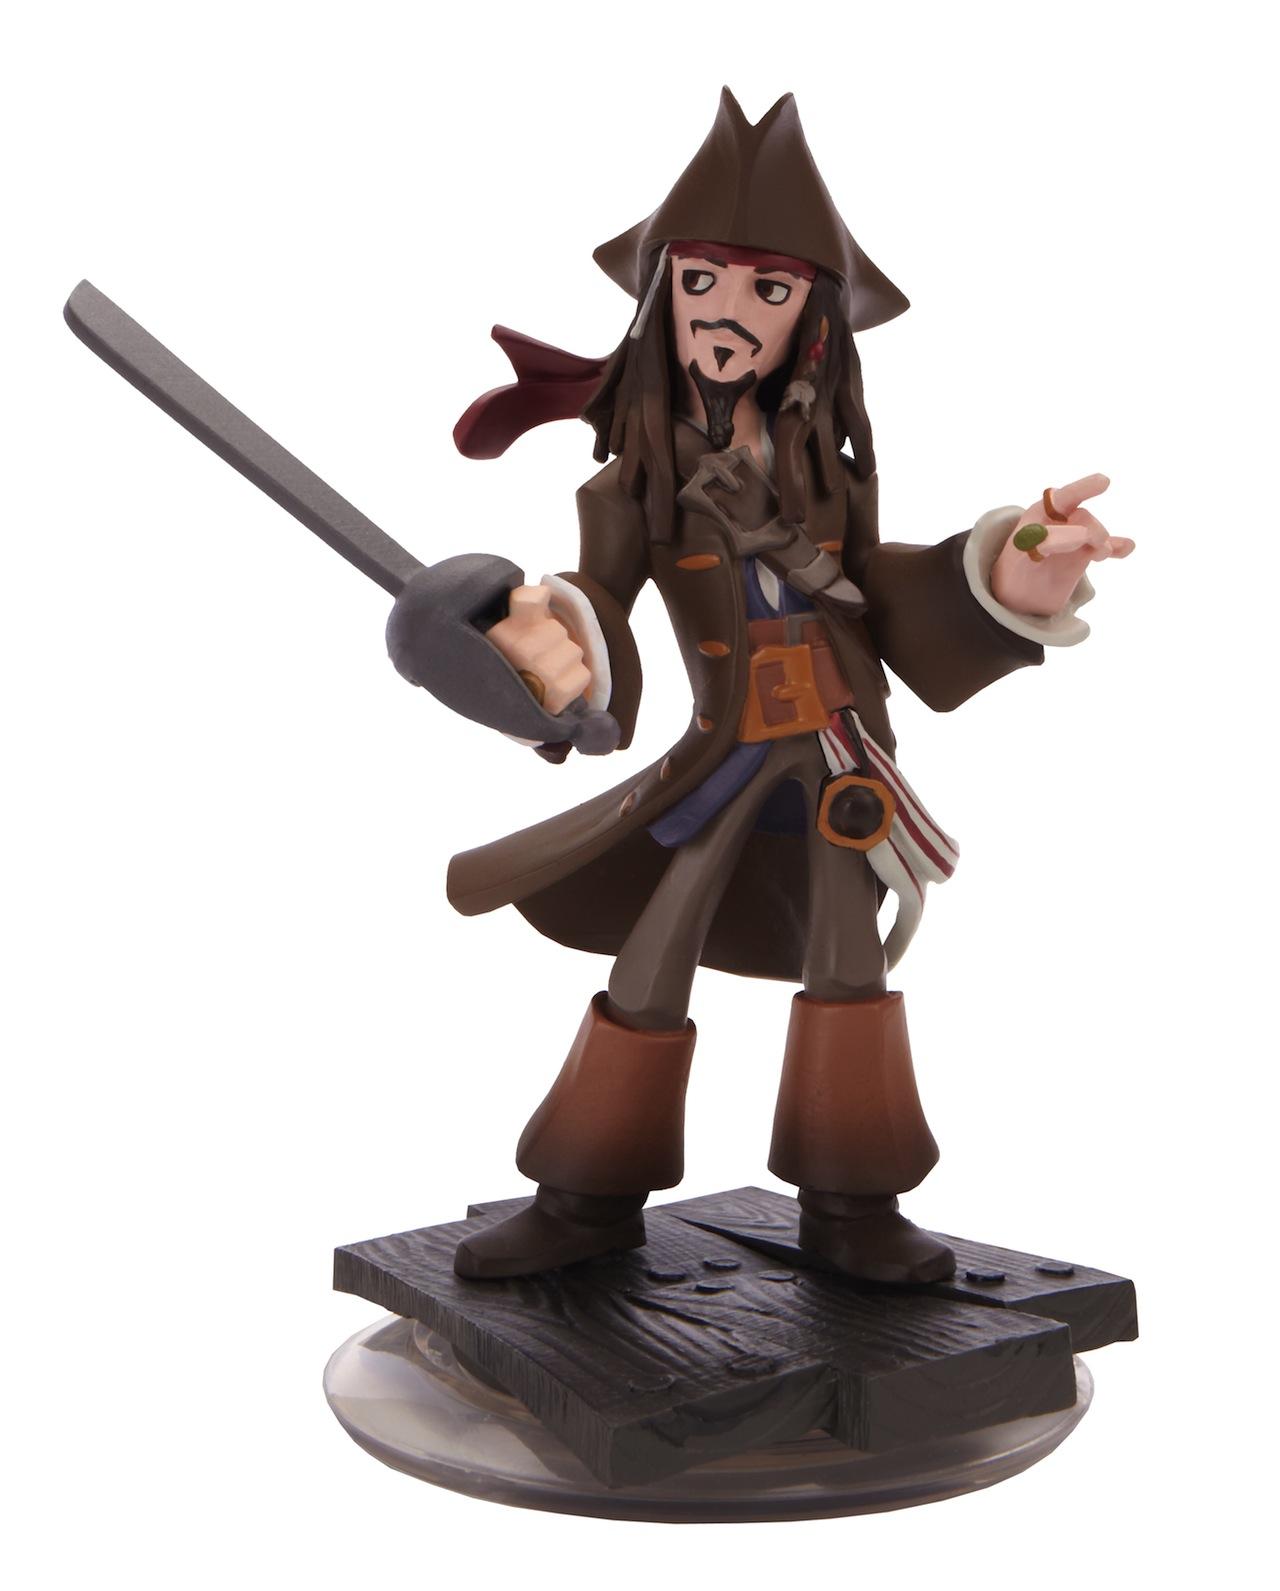 Wreck it ralph disney infinity wiki fandom powered by - Jack Sparrow